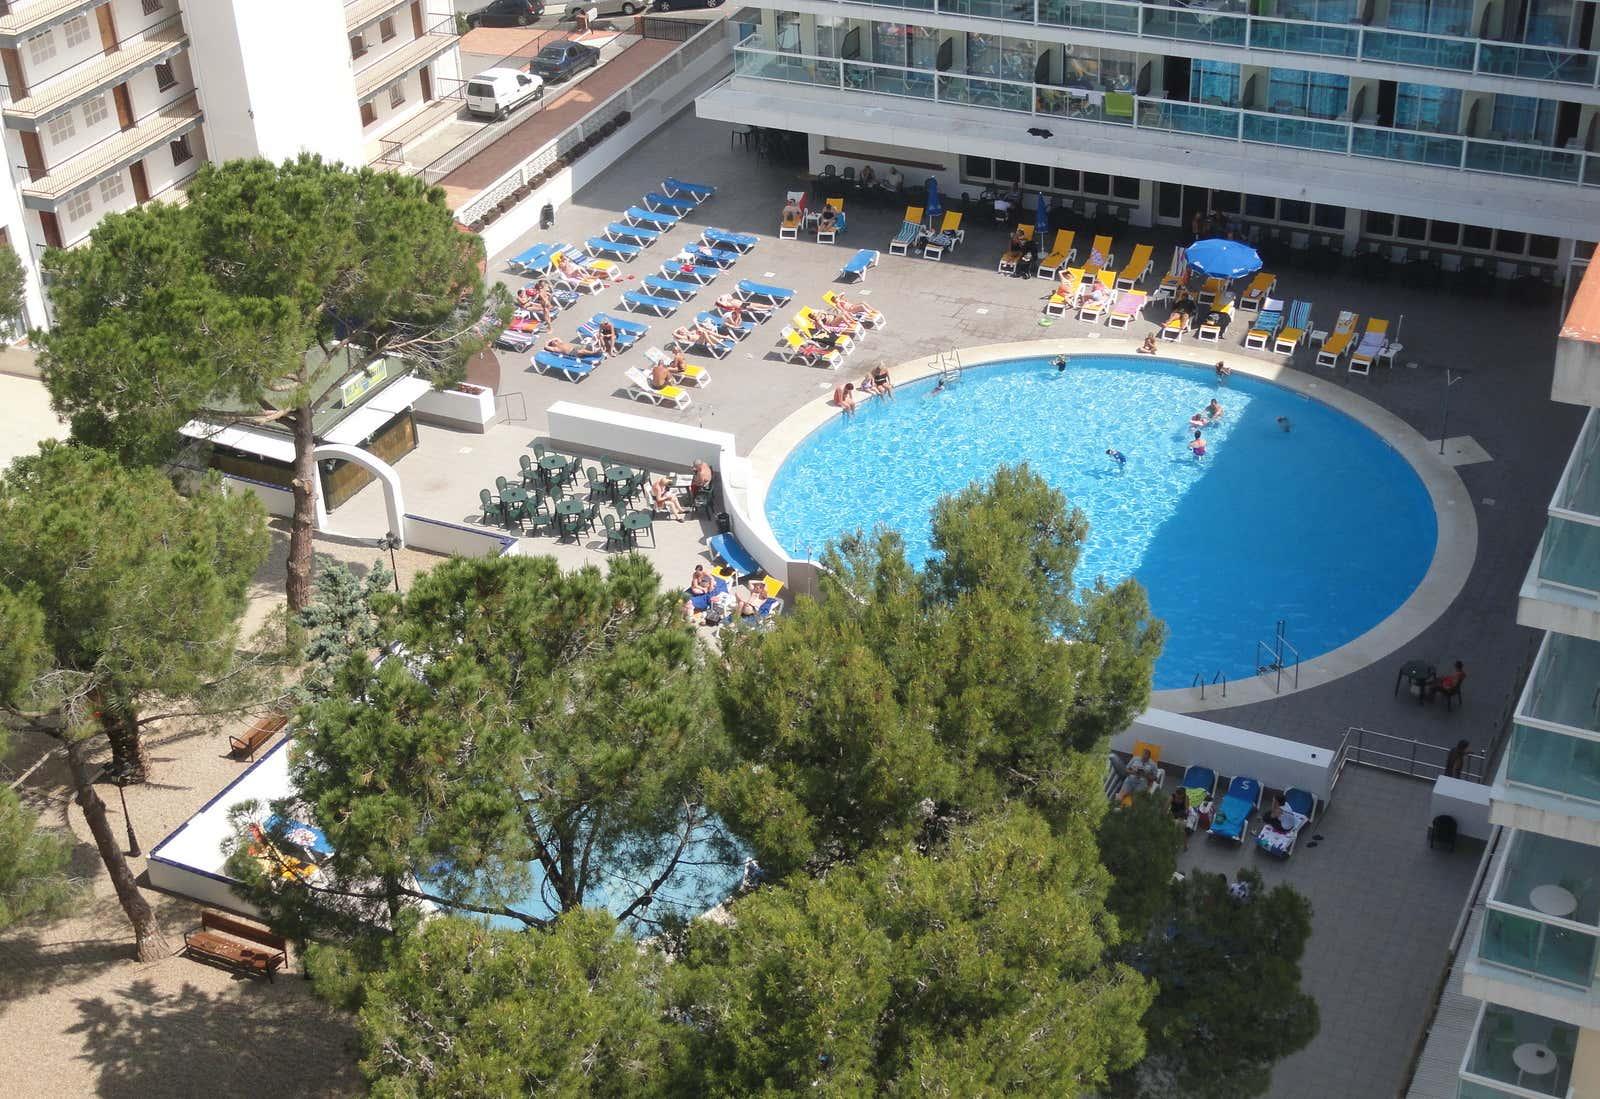 Ohtels Villa Dorada Hotel